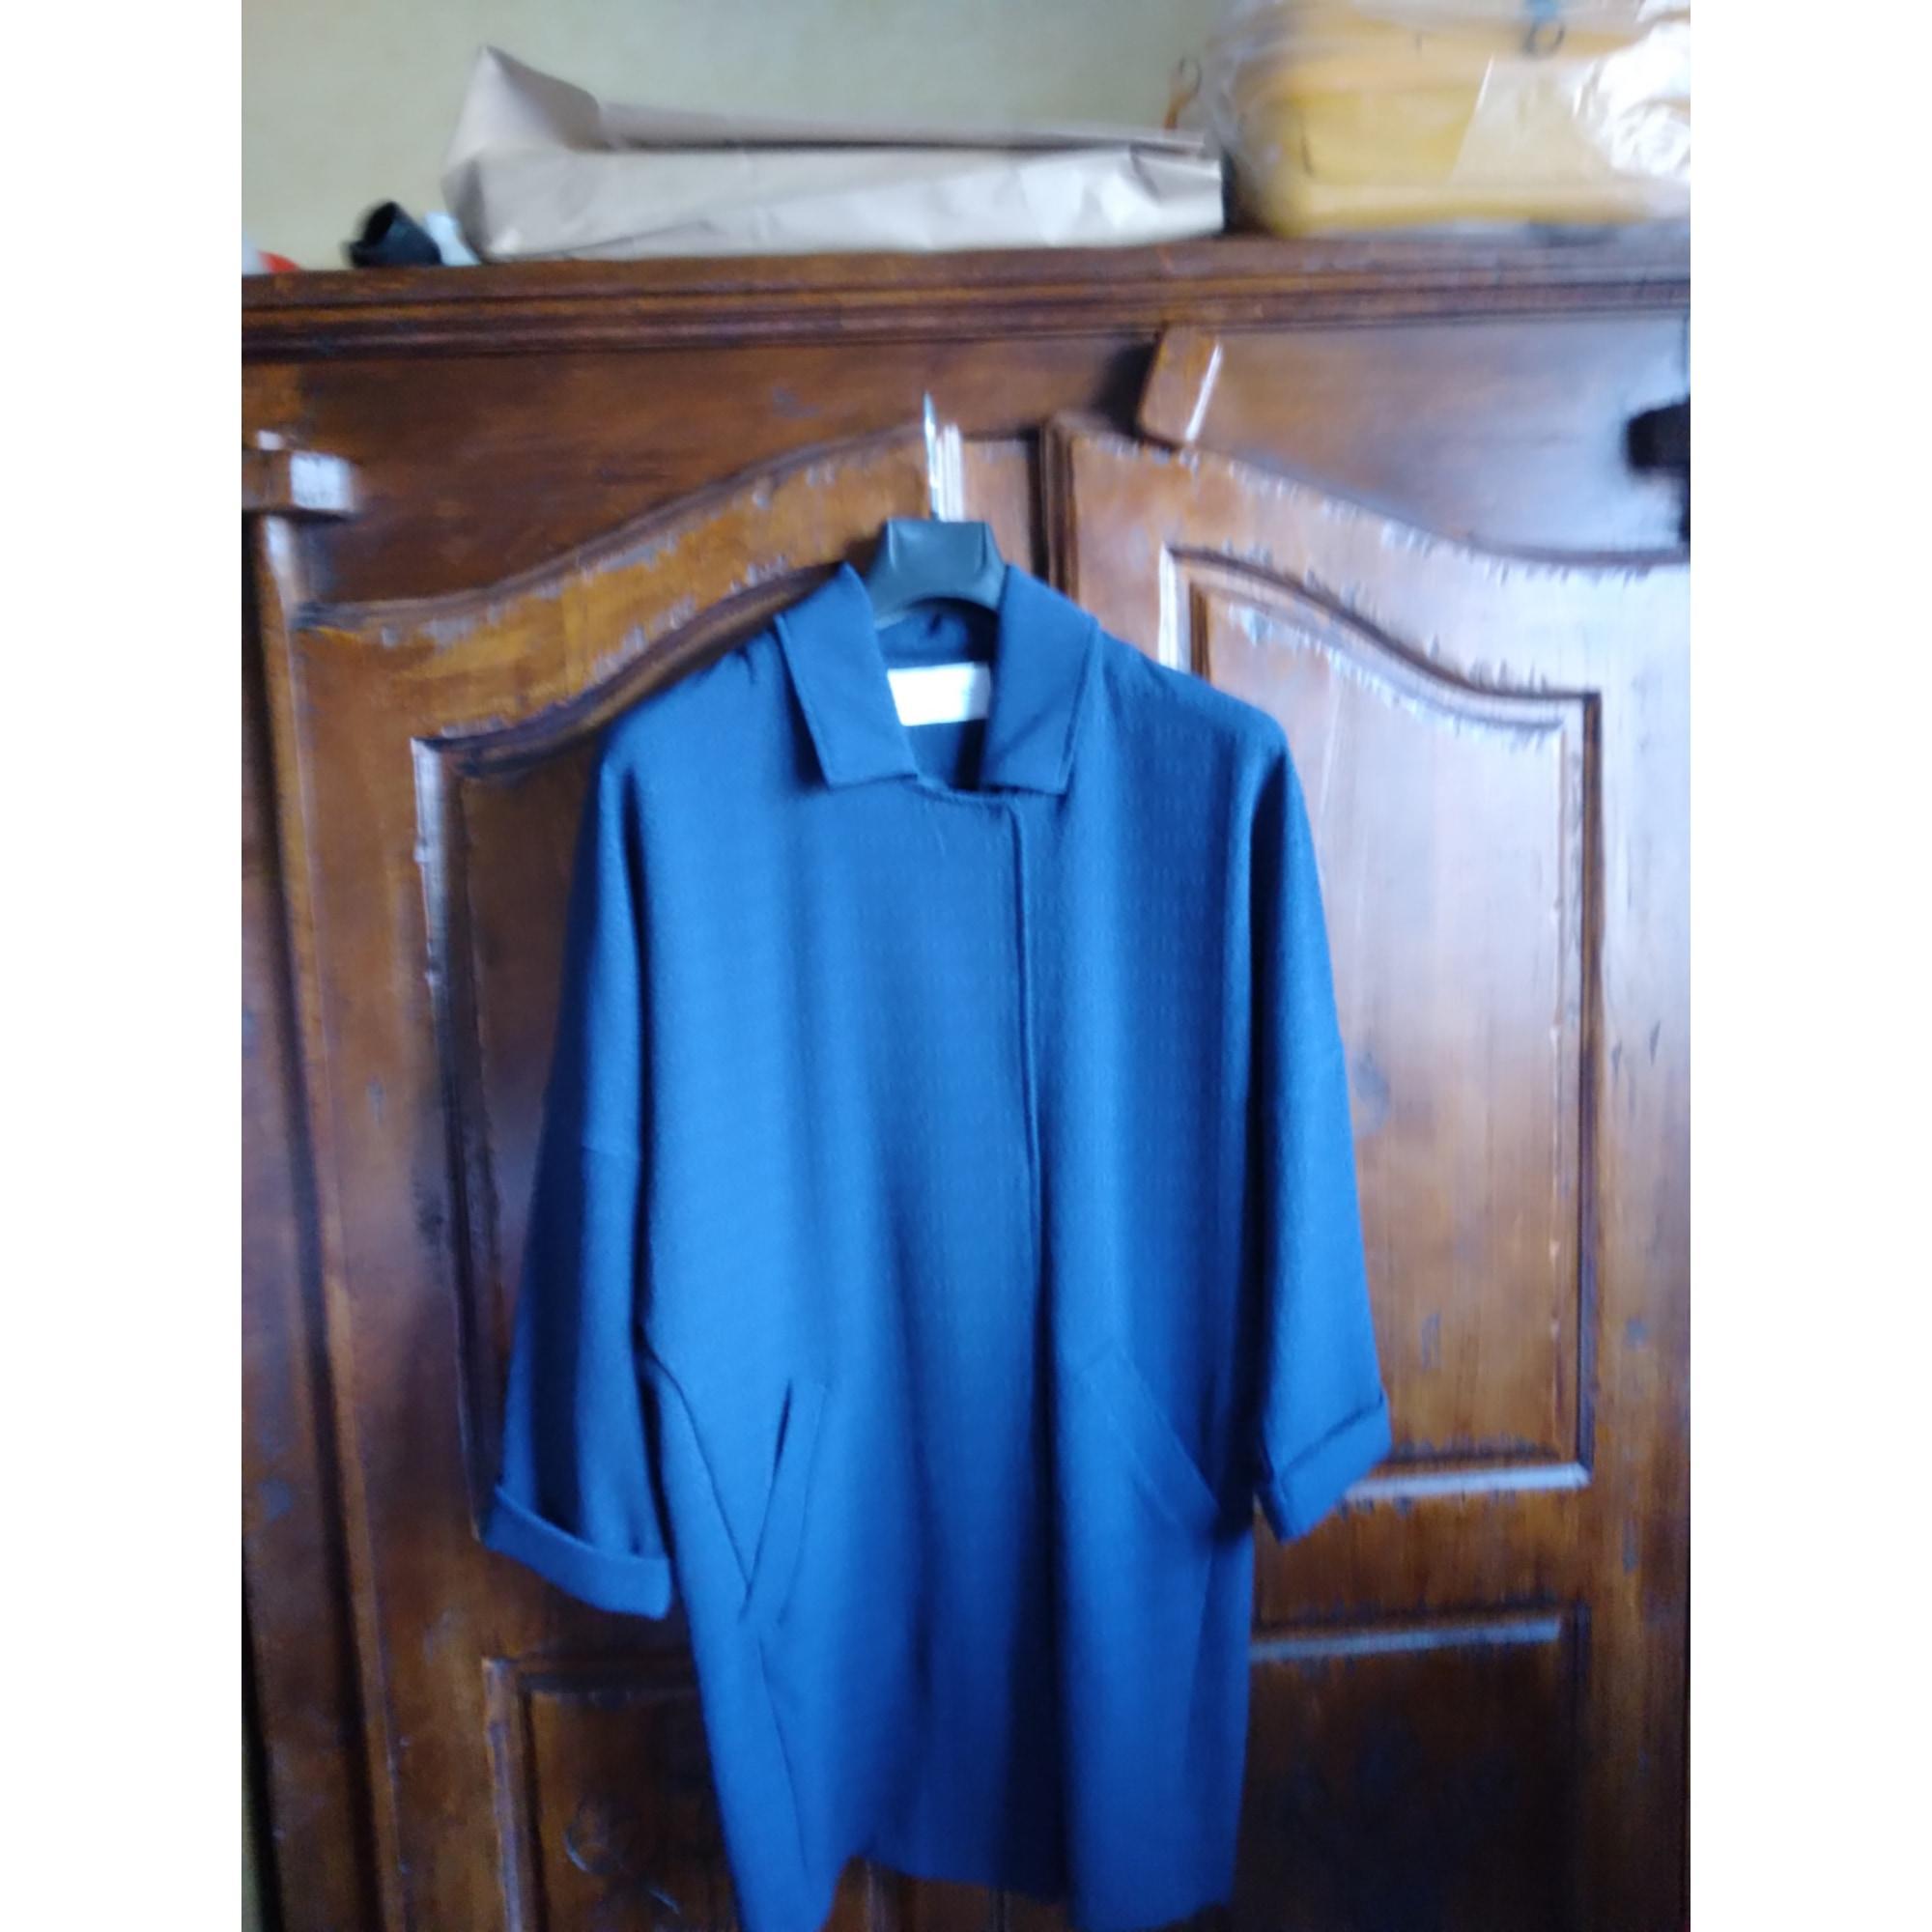 Caban PROMOD Bleu, bleu marine, bleu turquoise